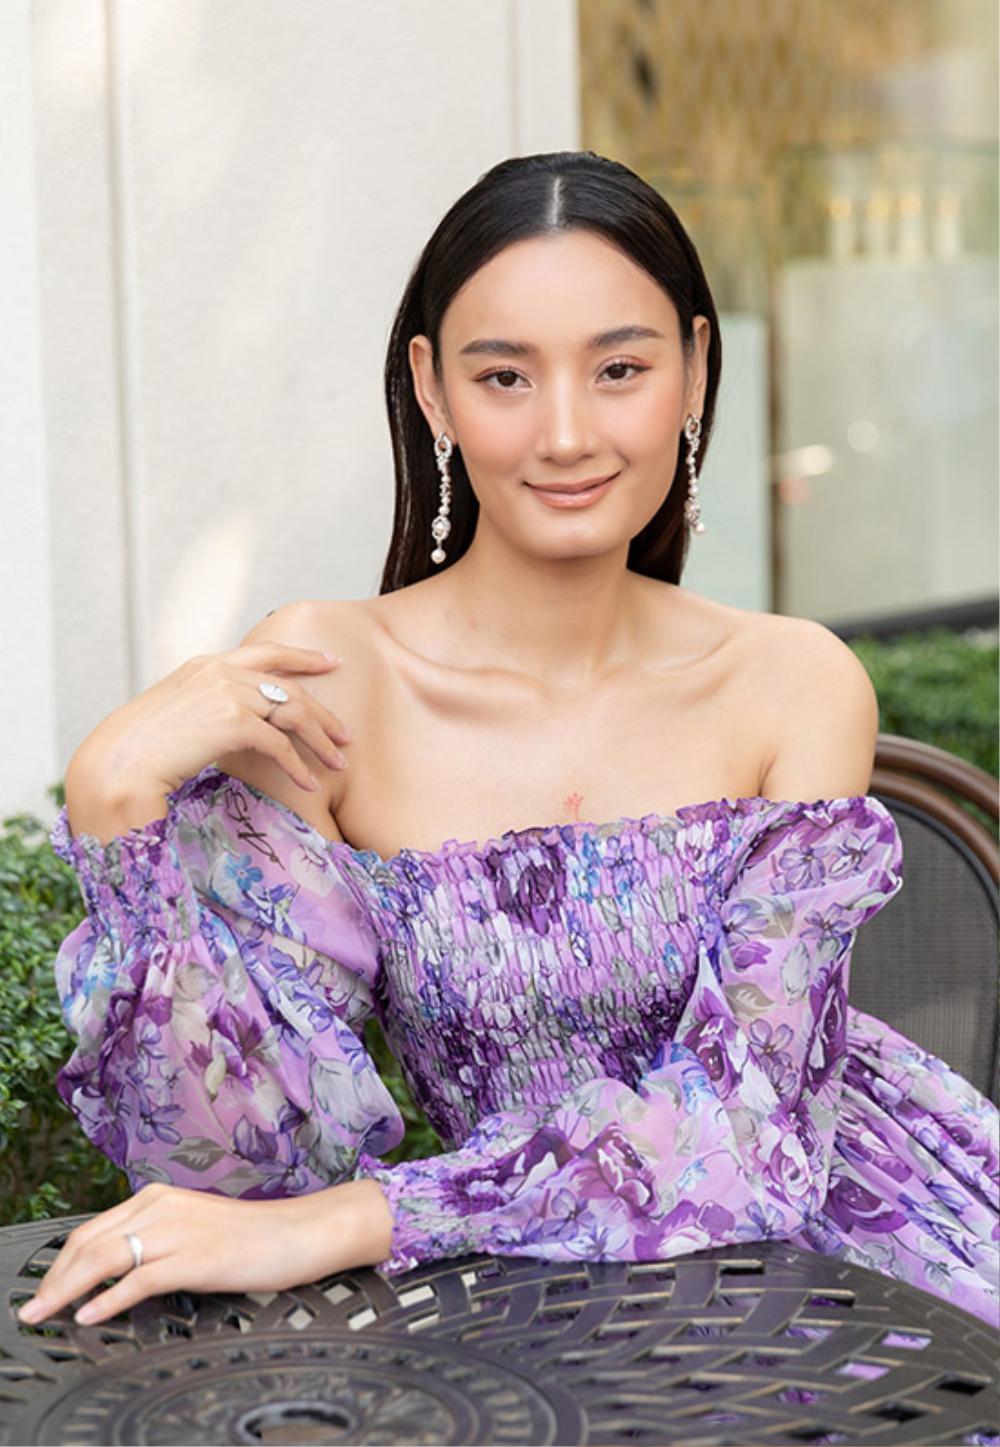 Hoa hậu Đặng Thu Thảo lấn át siêu mẫu Lê Thúy khi diện váy tím bay bổng Ảnh 4